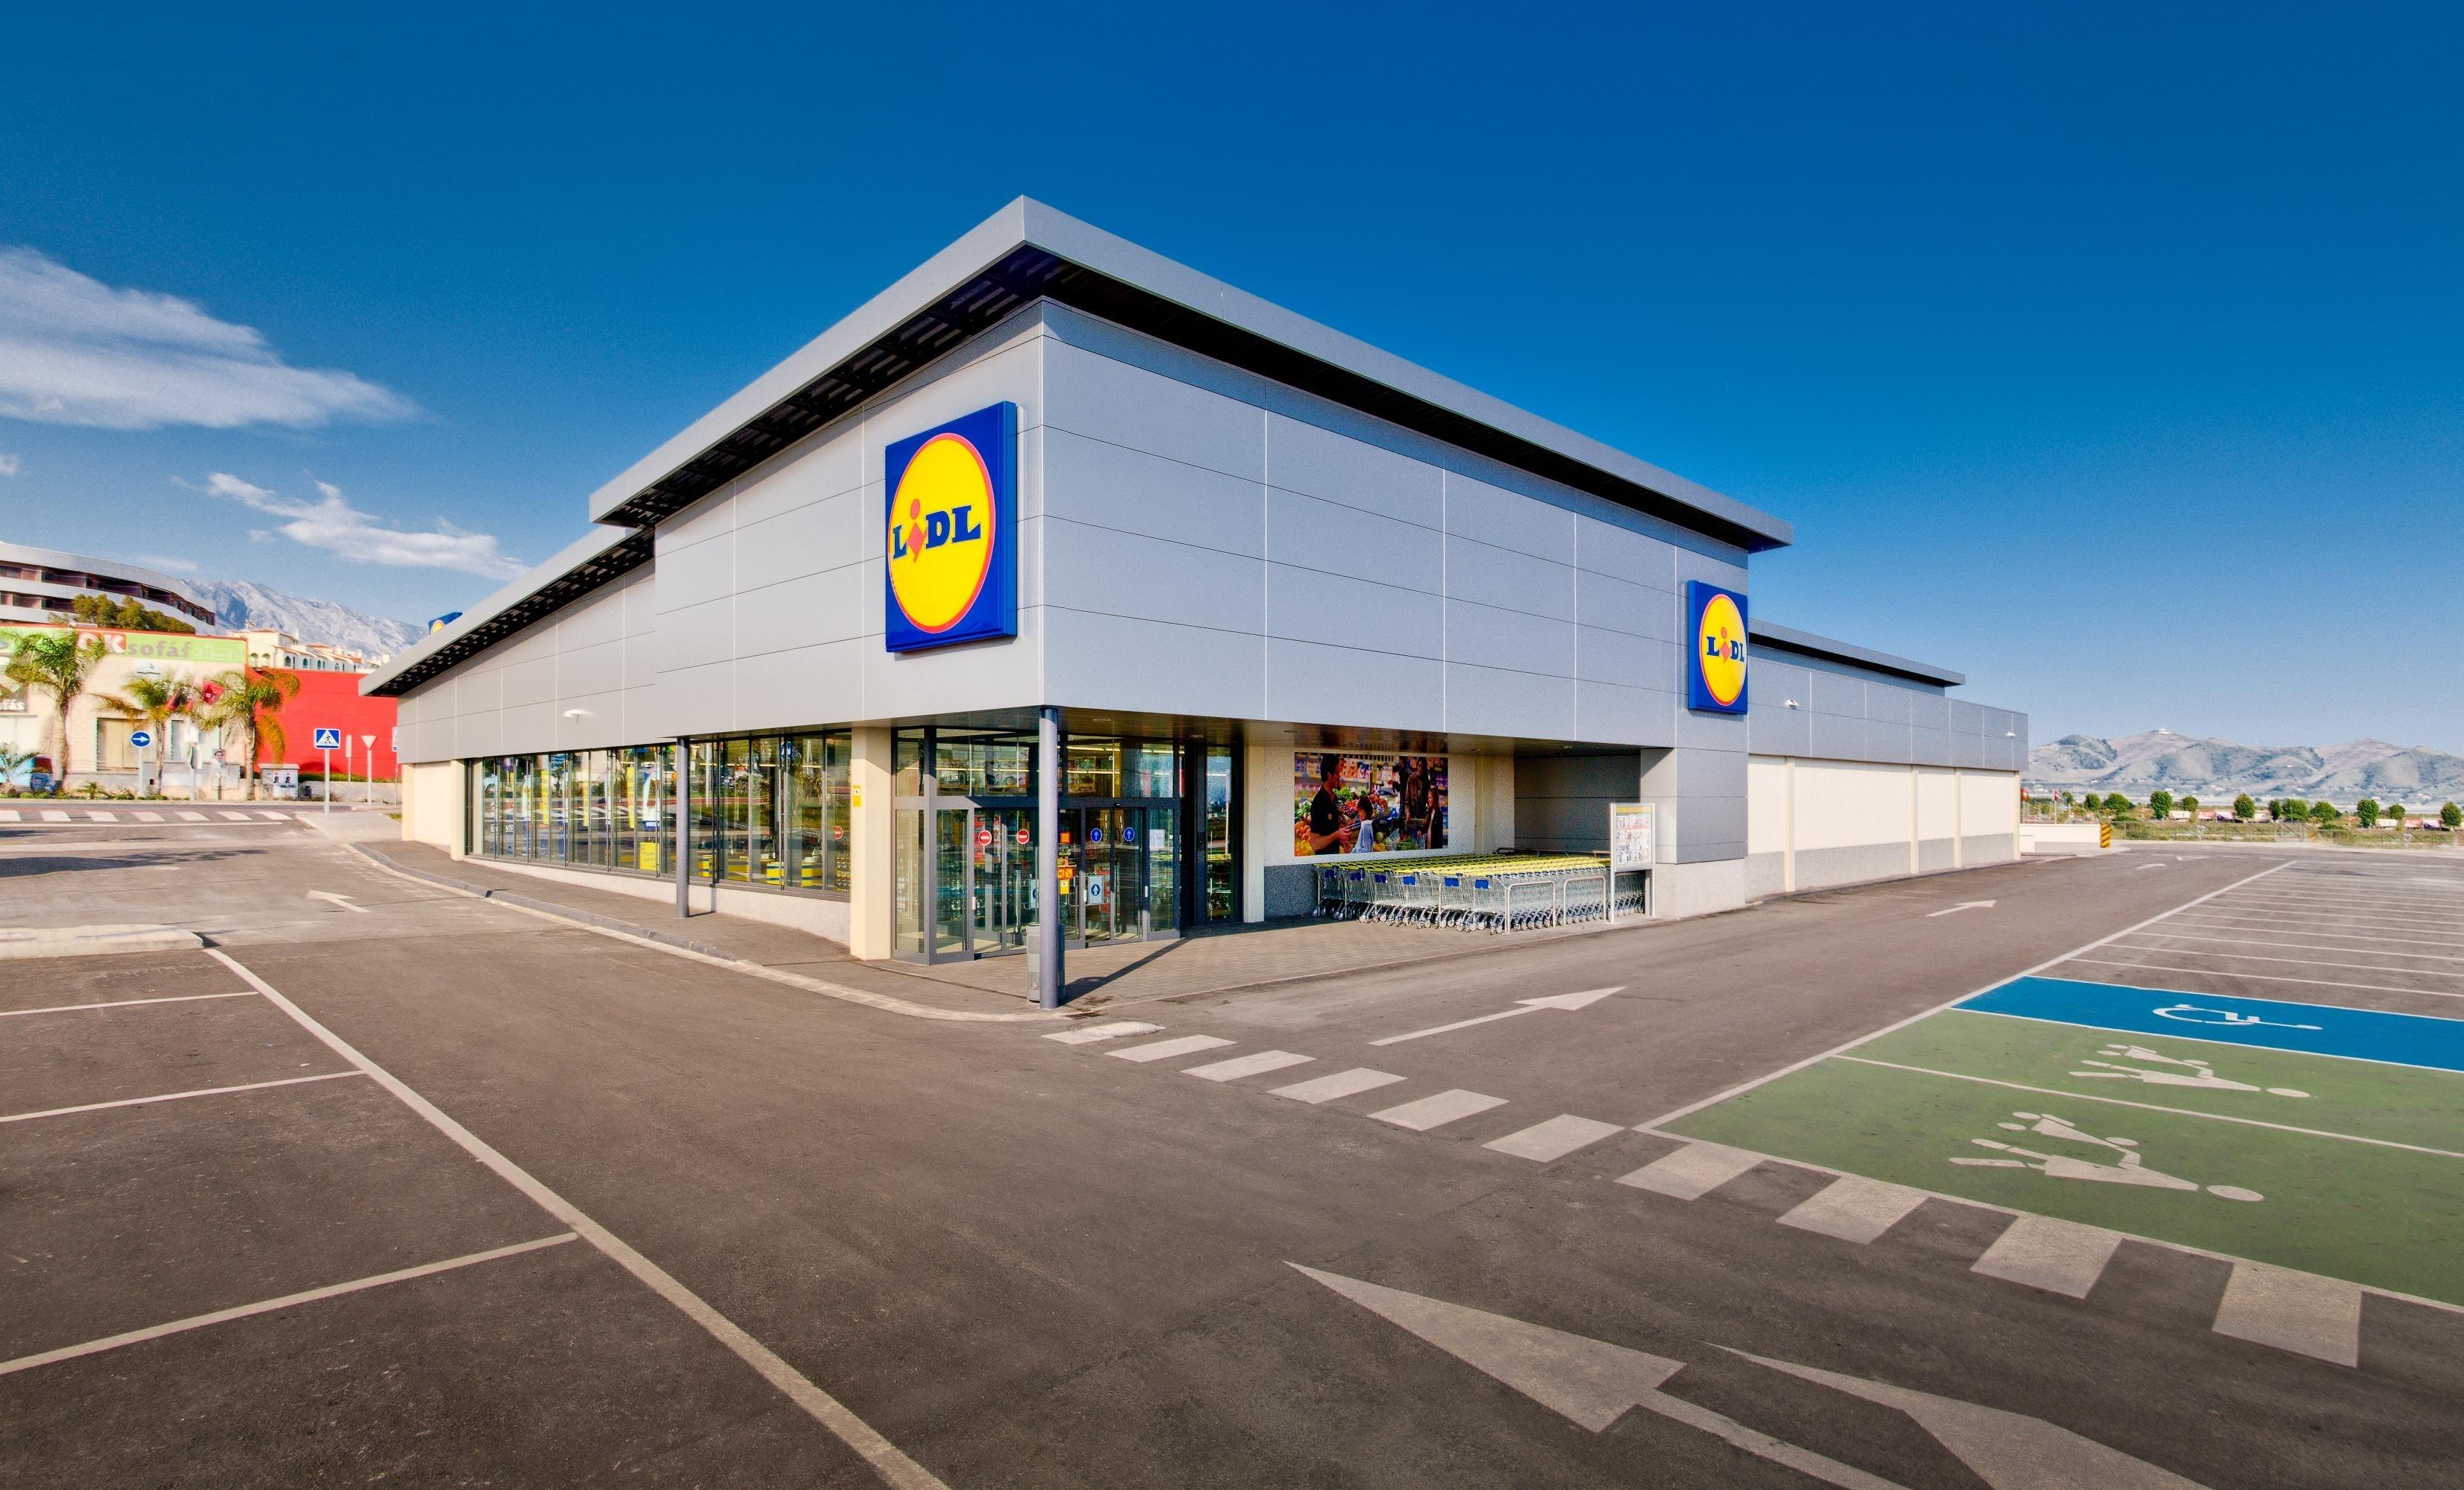 Lidl invierte 4,5 millones de euros en su primera tienda en Gines (Sevilla) y crea 15 nuevos empleos